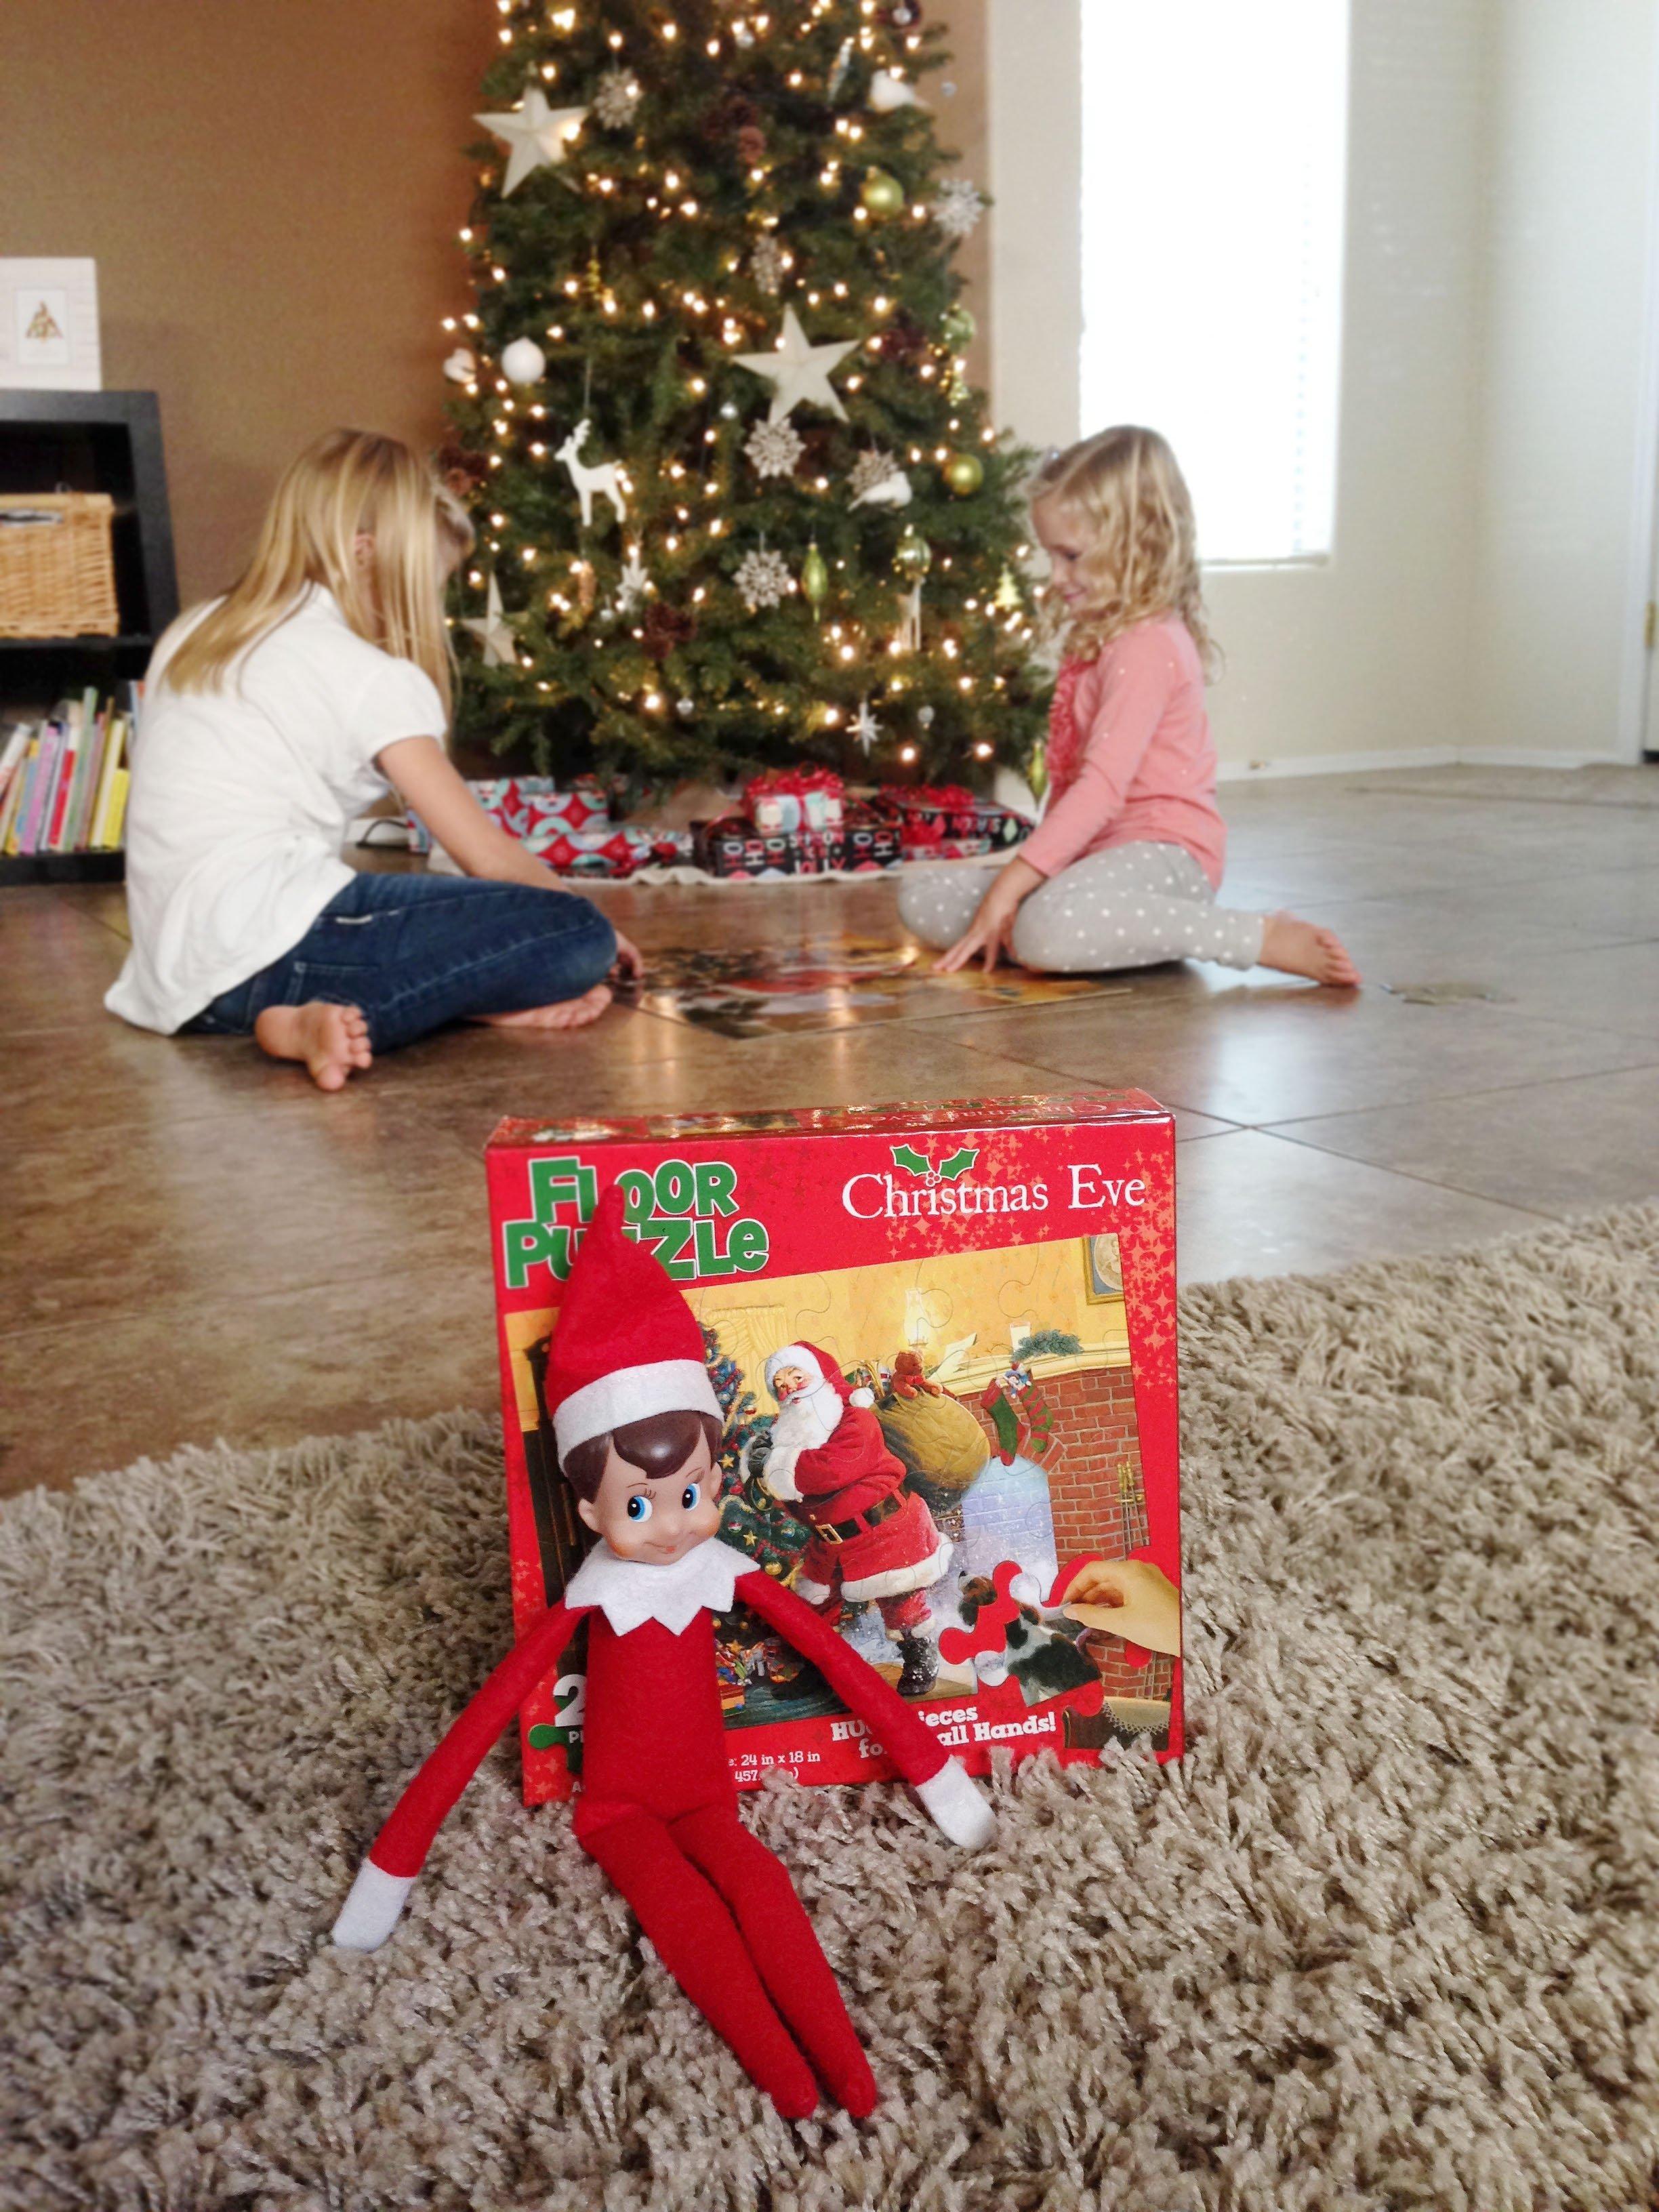 10 Pretty Elf On The Shelf Idea than 40 easy elf on the shelf ideas 5 2020